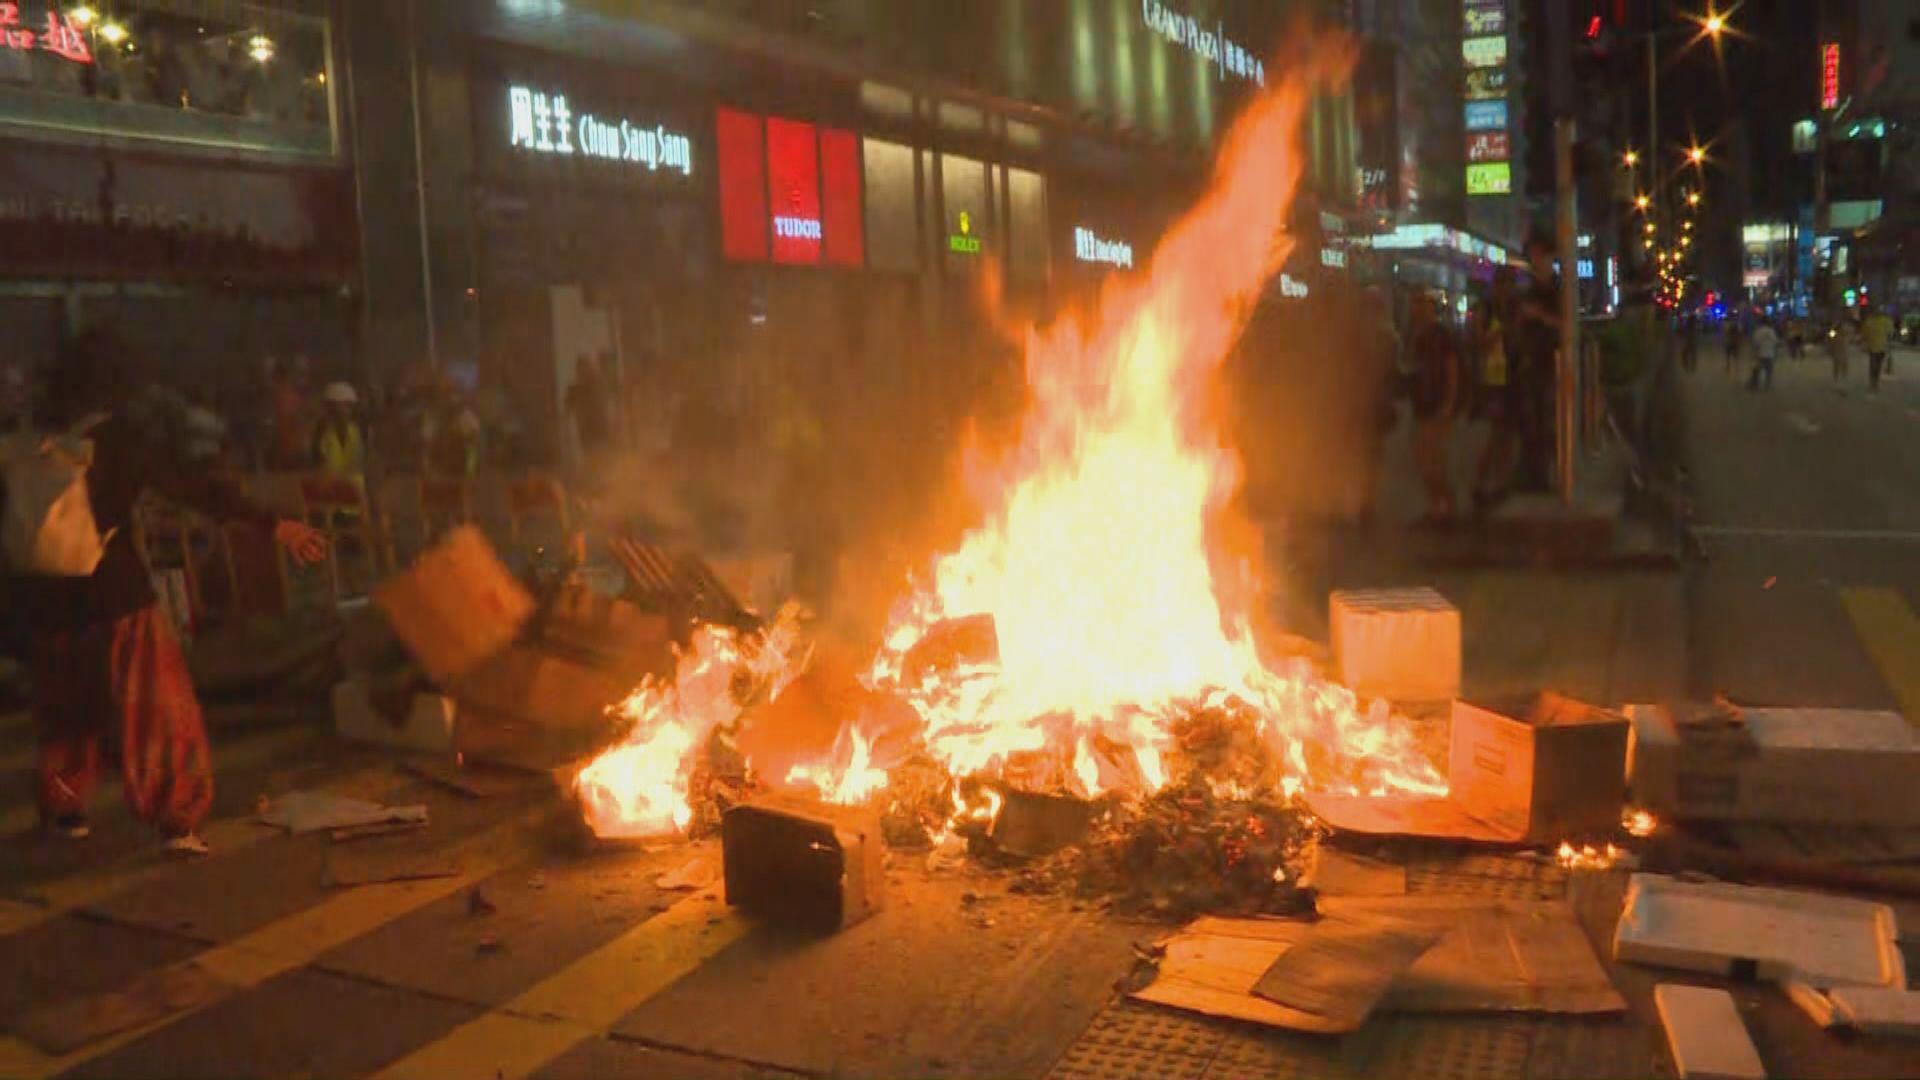 旺角有示威者燃燒垃圾 濃煙升上半空